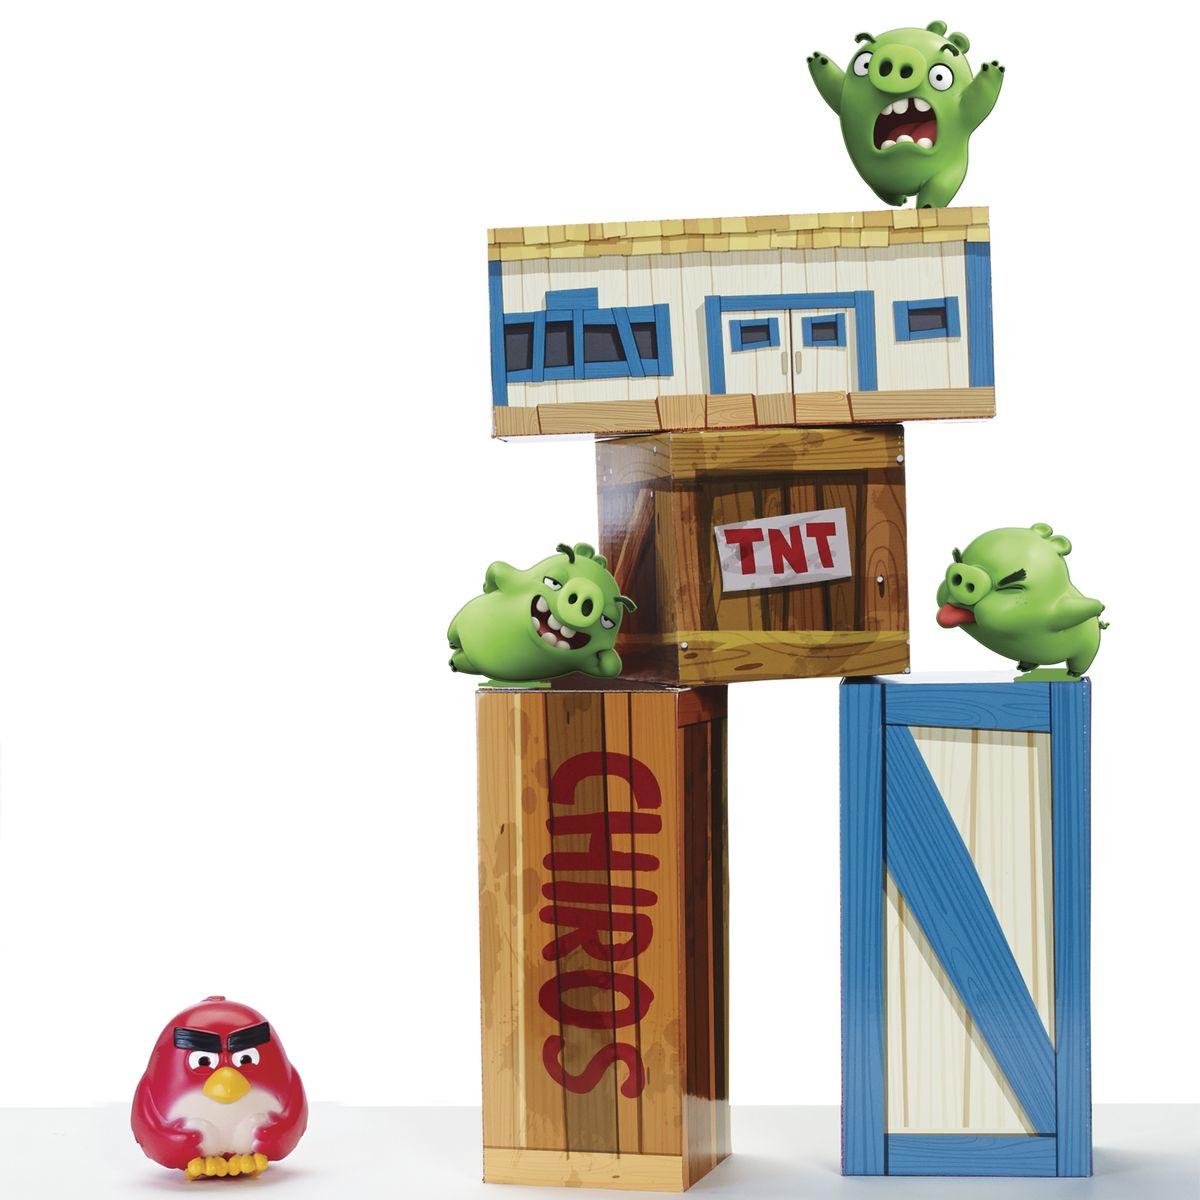 Angry Birds Игровой набор Взрывная птичка90506Игровой набор взрывная птичка и тяжелые блоки. В наборе виниловая птичка-шар, поросята, тяжелые кубики и блоки. 1 вид в ассортименте.